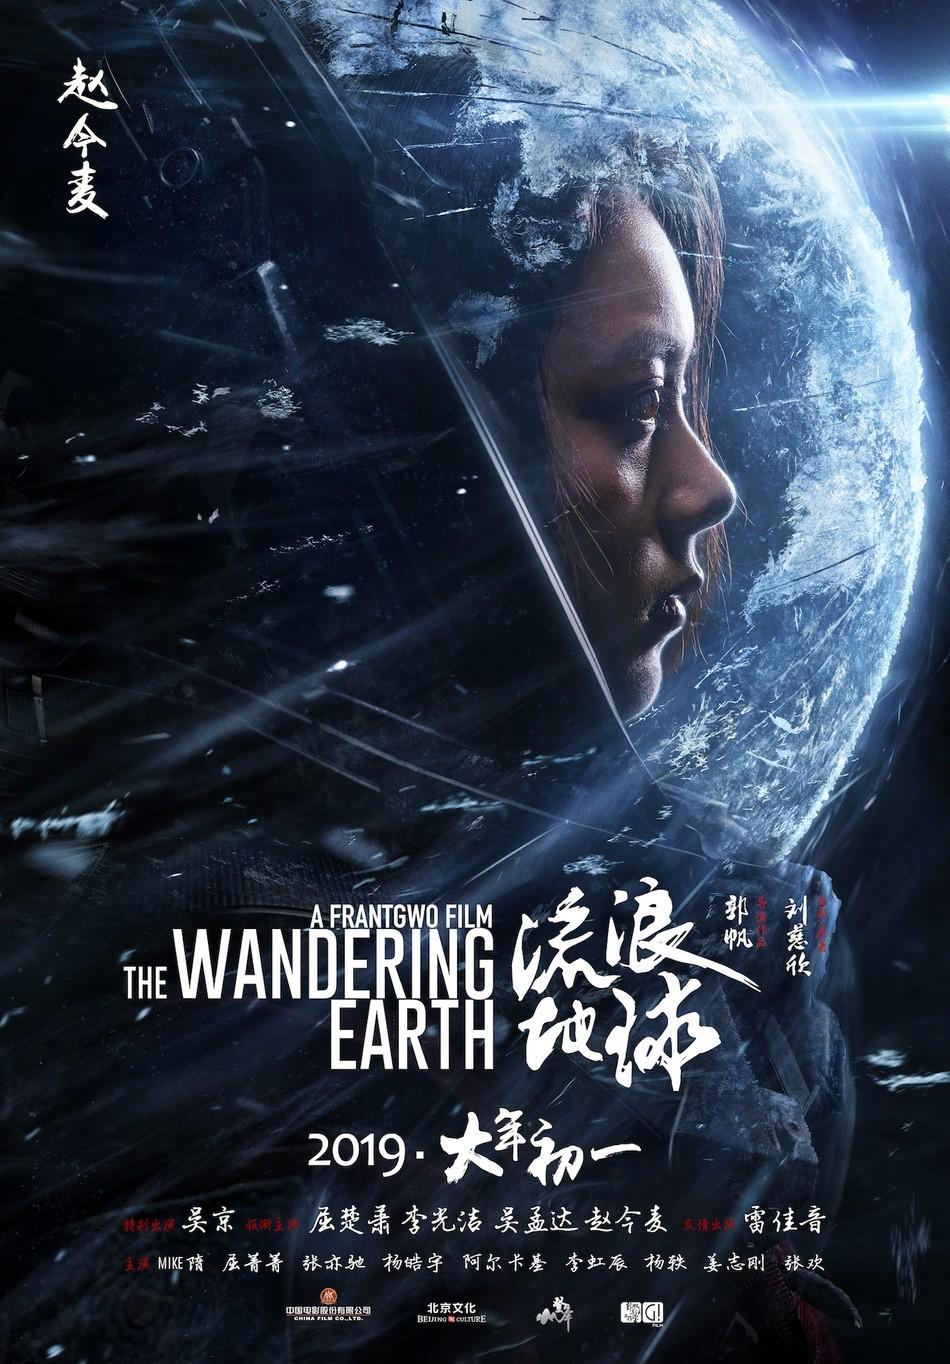 全球资讯_国产科幻大片《流浪地球》角色海报 冒险一搏拯救人类_3DM单机